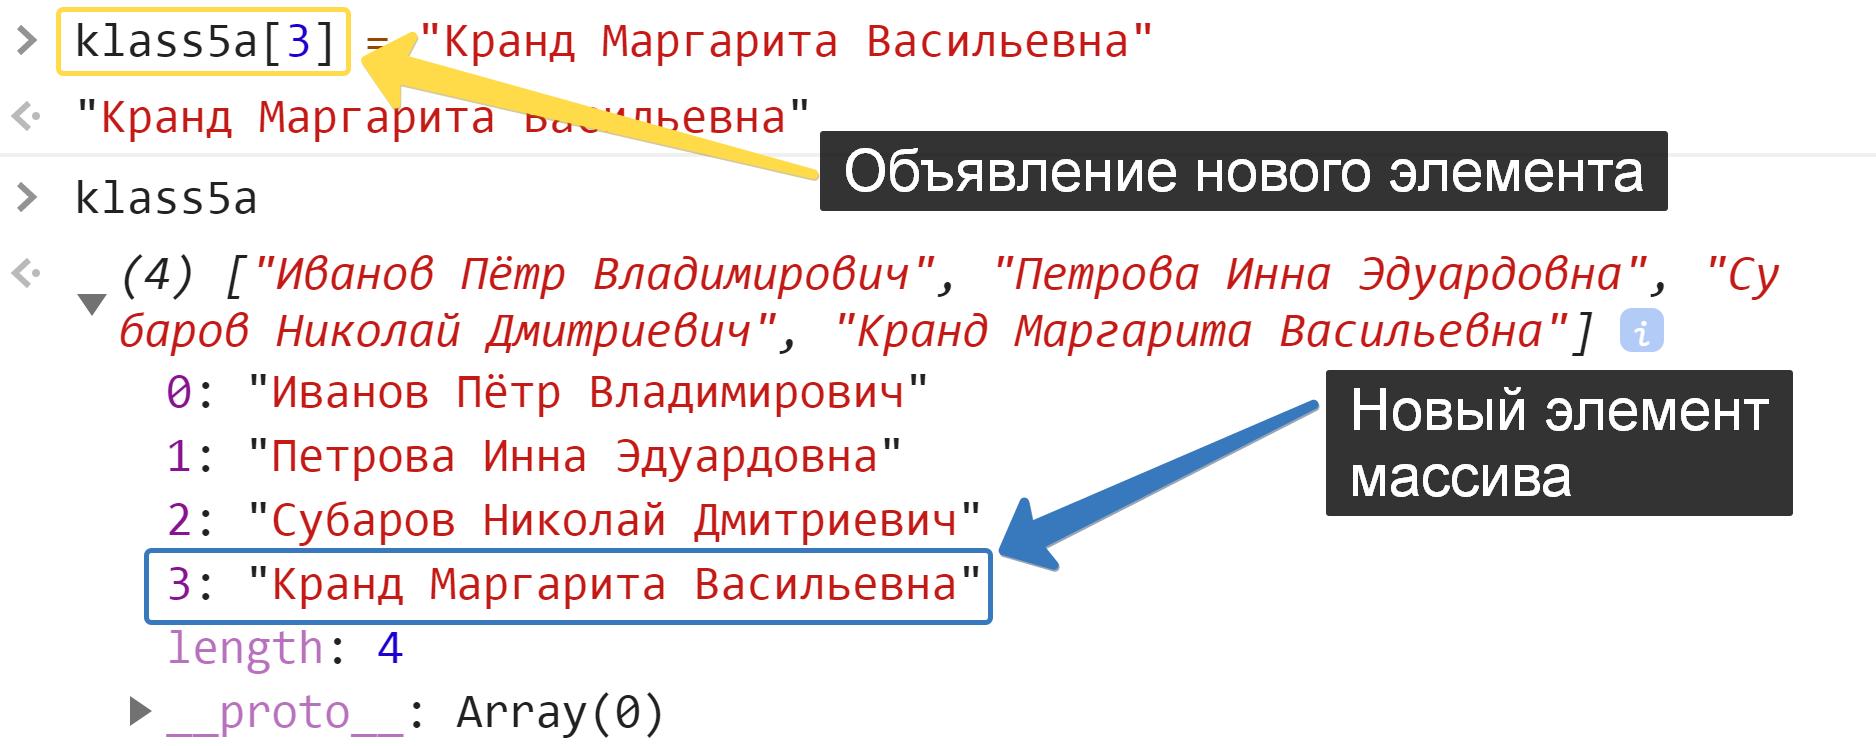 Объявление нового элемента в массиве - JavaScript